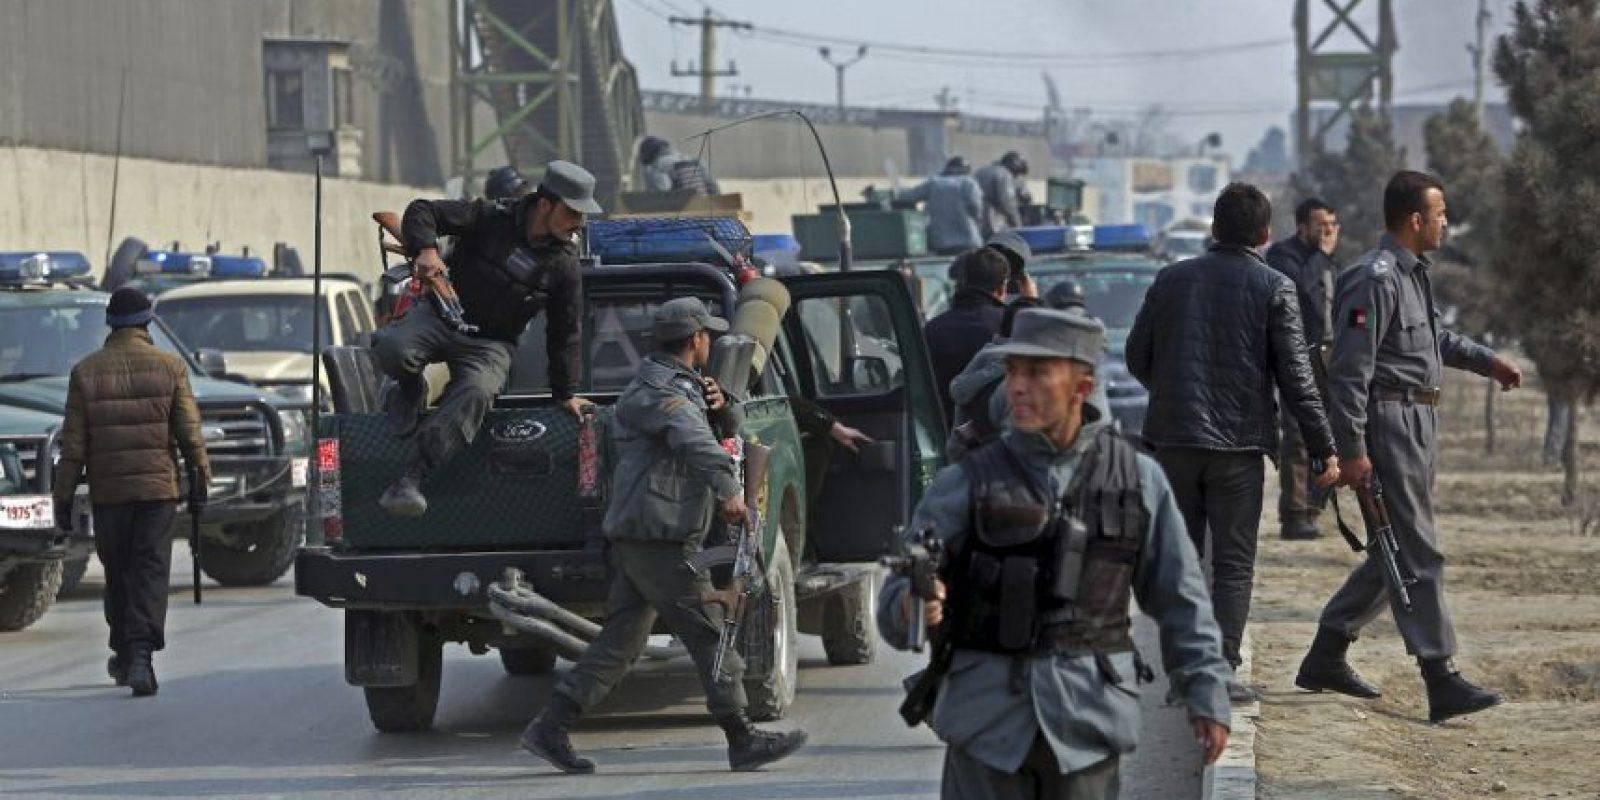 Sin embargo, la situación en Medio Oriente aún es muy cruenta. Foto:AP